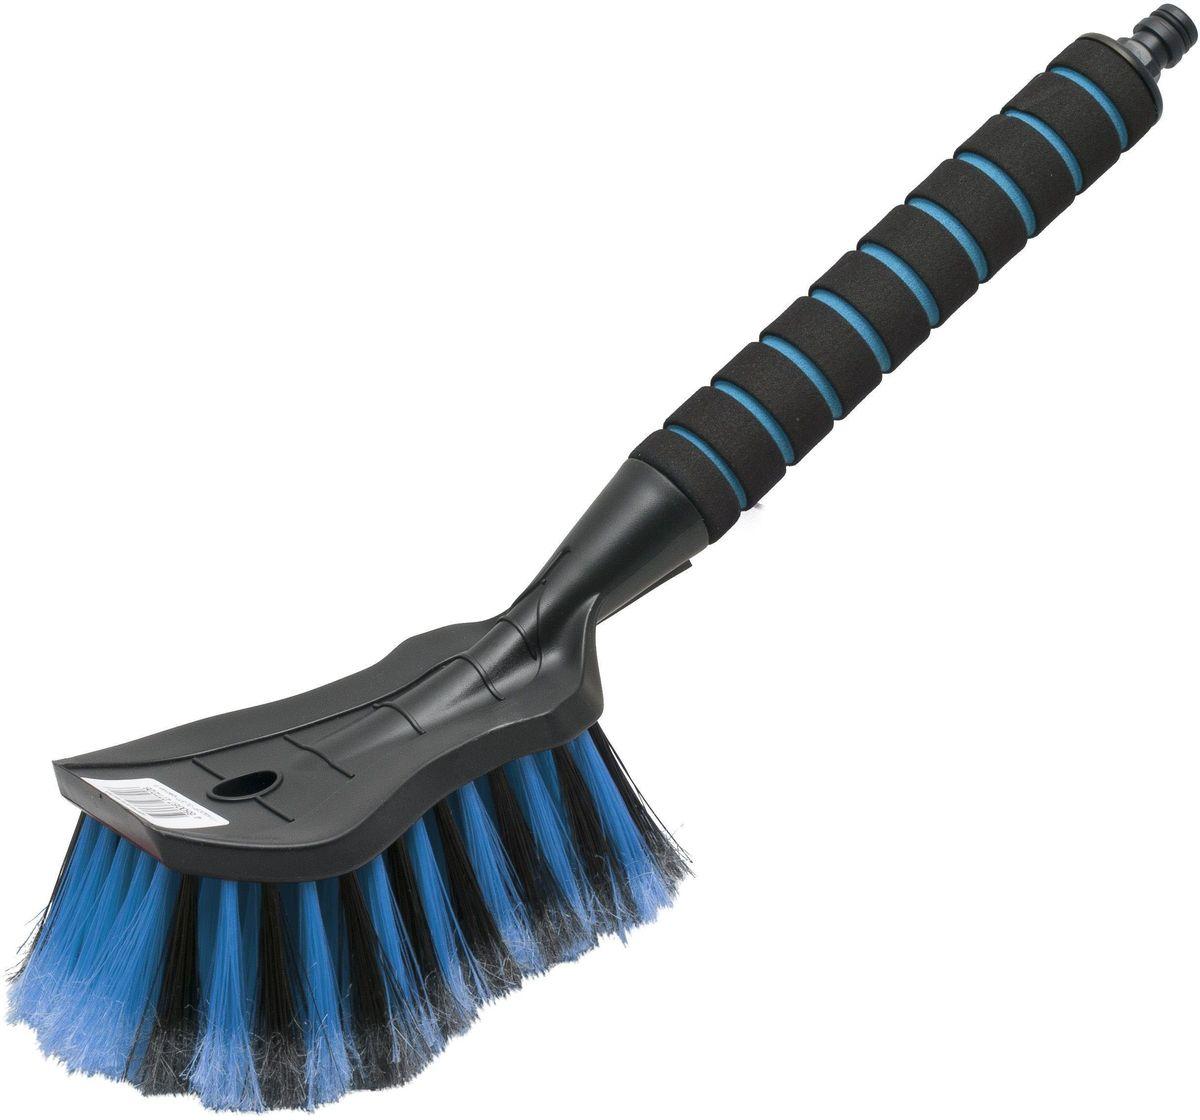 Щетка для мытья Главдор, цвет: голубой55302Щетка для мытья Главдор с мягкой, распушенной щетиной, изготовлена из прочного пластика. Рукоятка имеет мягкое пенополиэтиленовое покрытие и снабжена адаптером (насадкой) для подключения к шлангу.Общая длина щетки: 40 см.